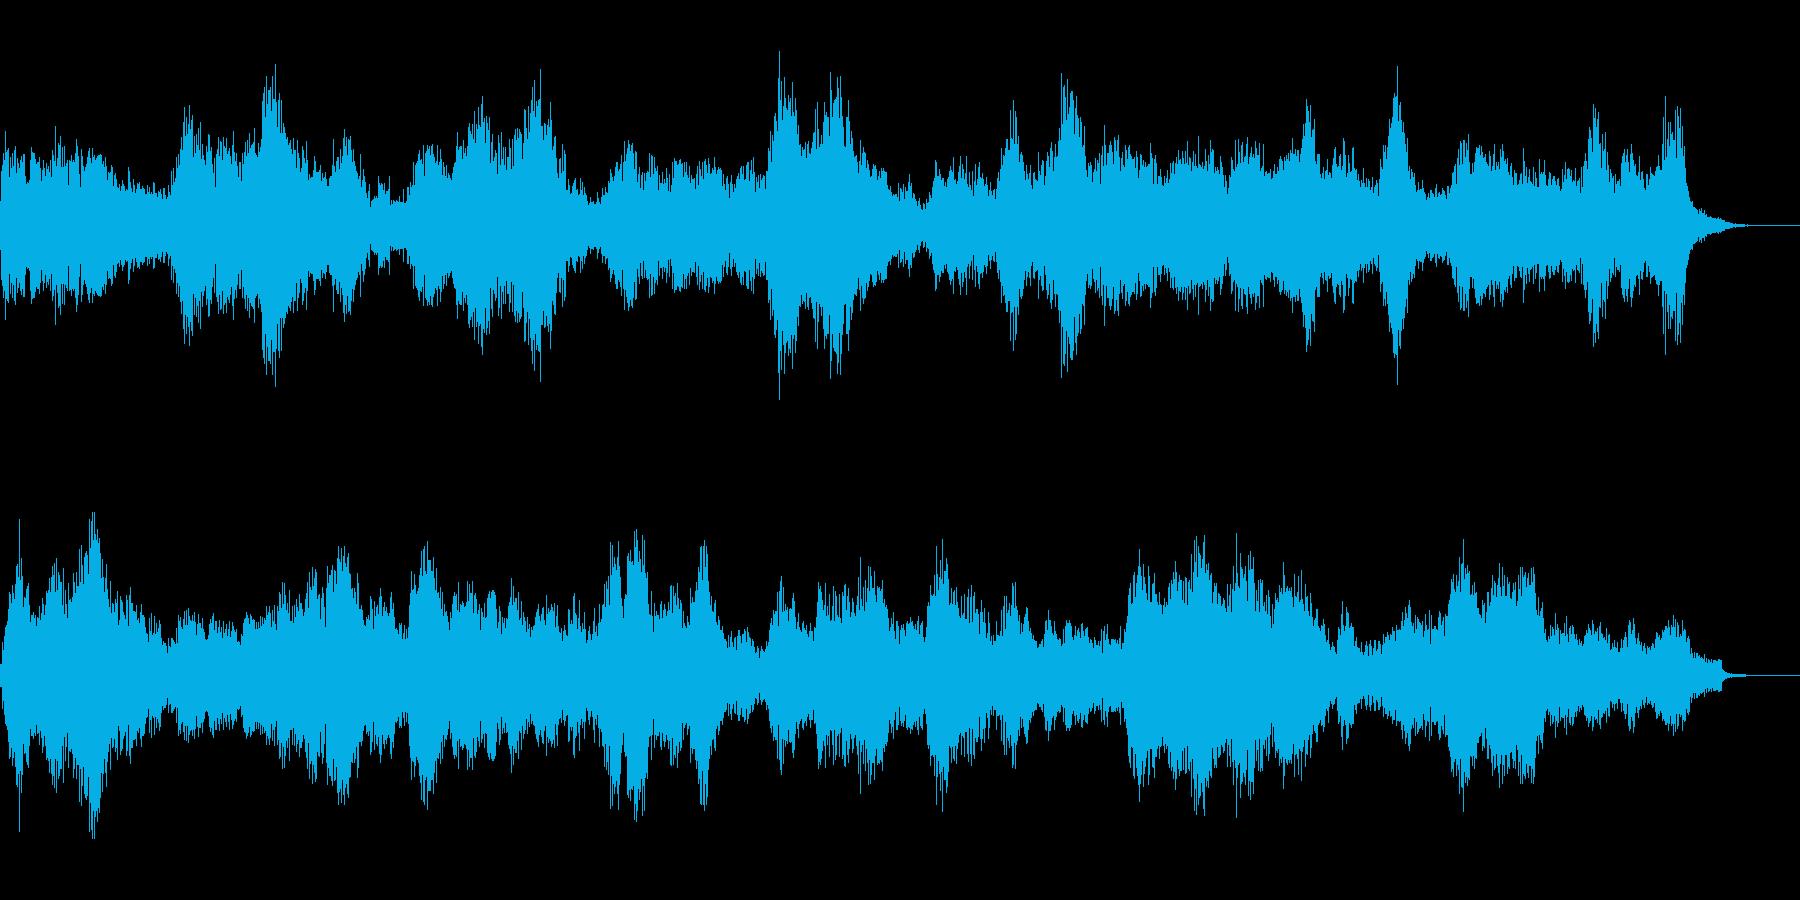 地獄の背景音に 2の再生済みの波形